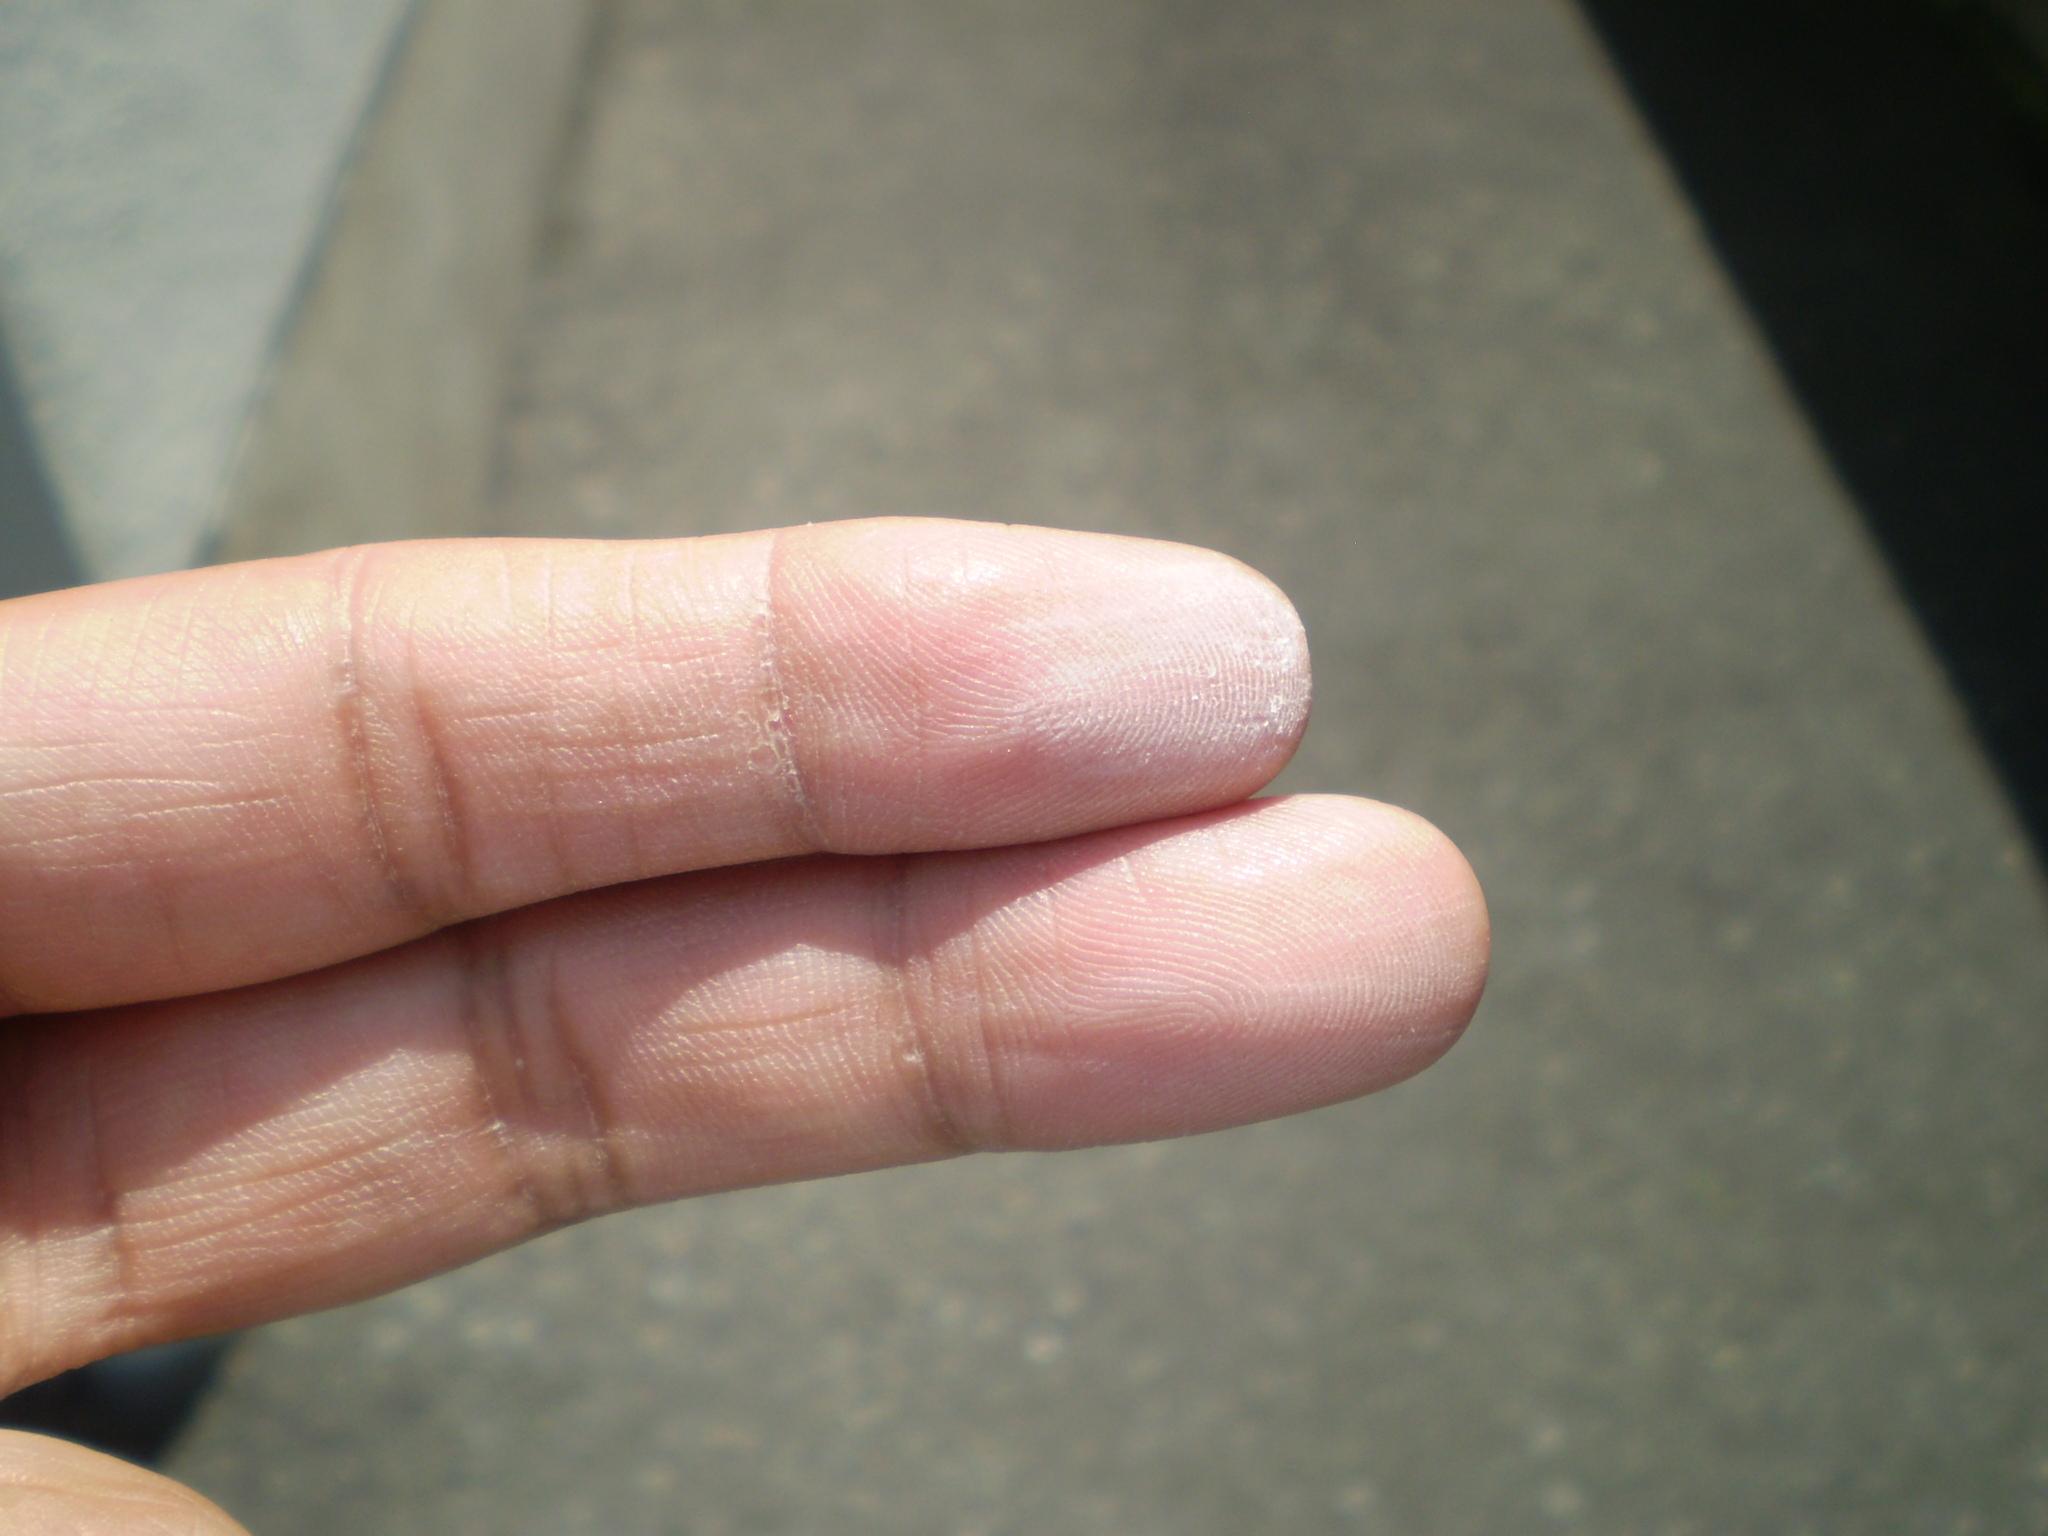 物置棟の別の場所でも劣化度があり指にチョーキング現象による粉が付着します。